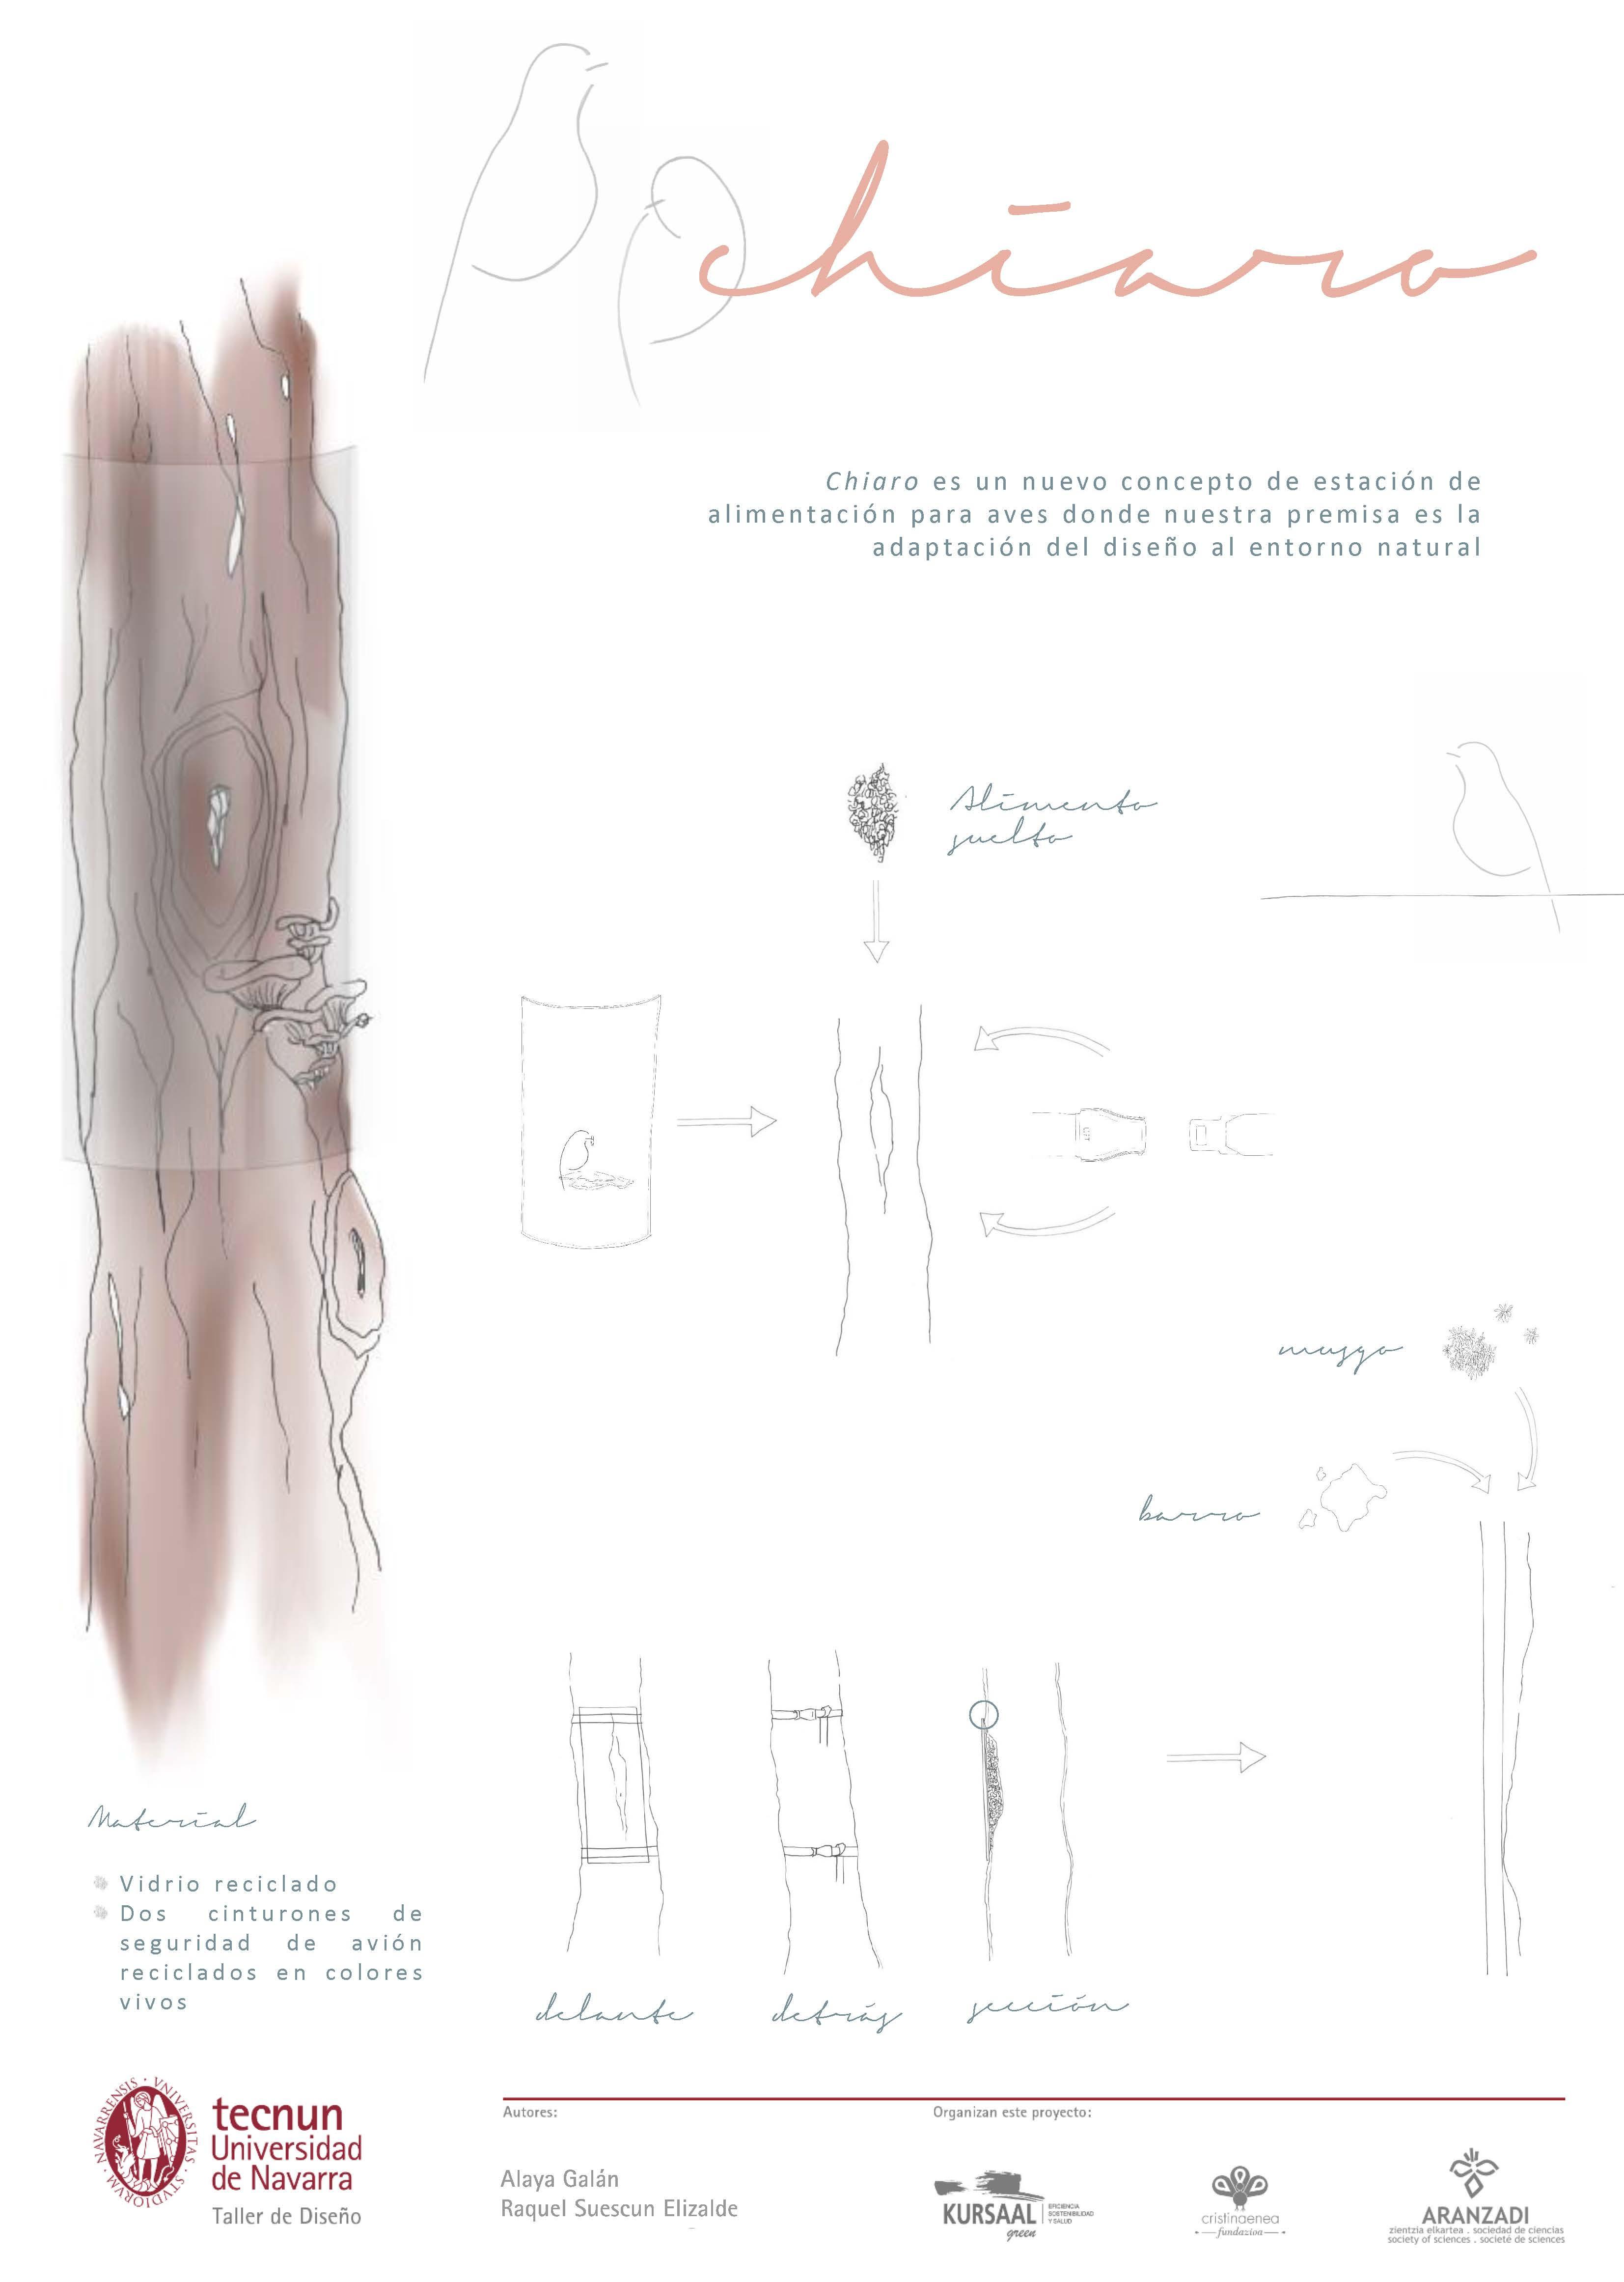 Taller de diseño - Tecnum - Txoriak - CHIARO